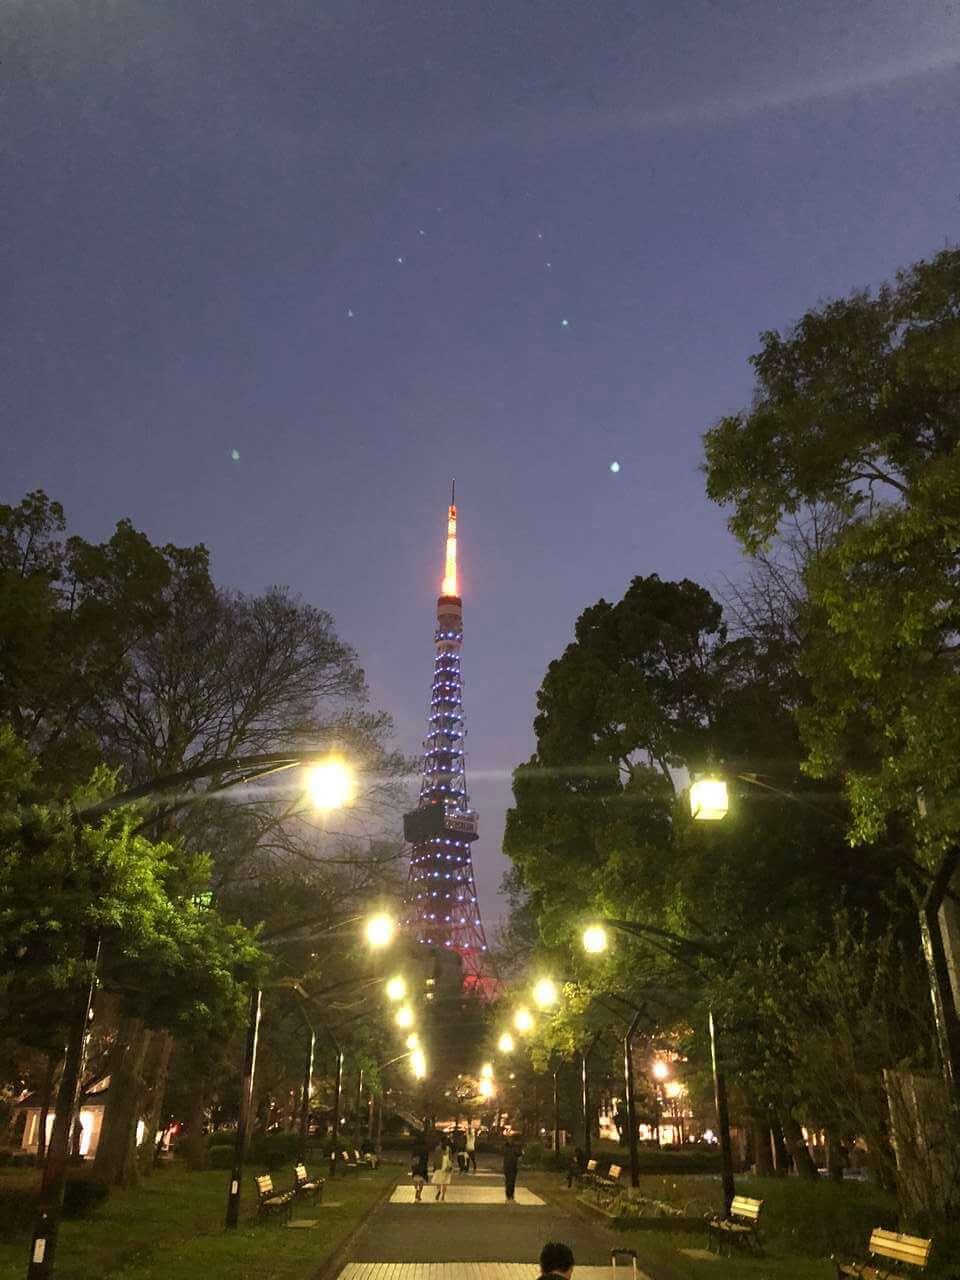 世界自閉症啓発デーの青い東京タワーのブログ画像